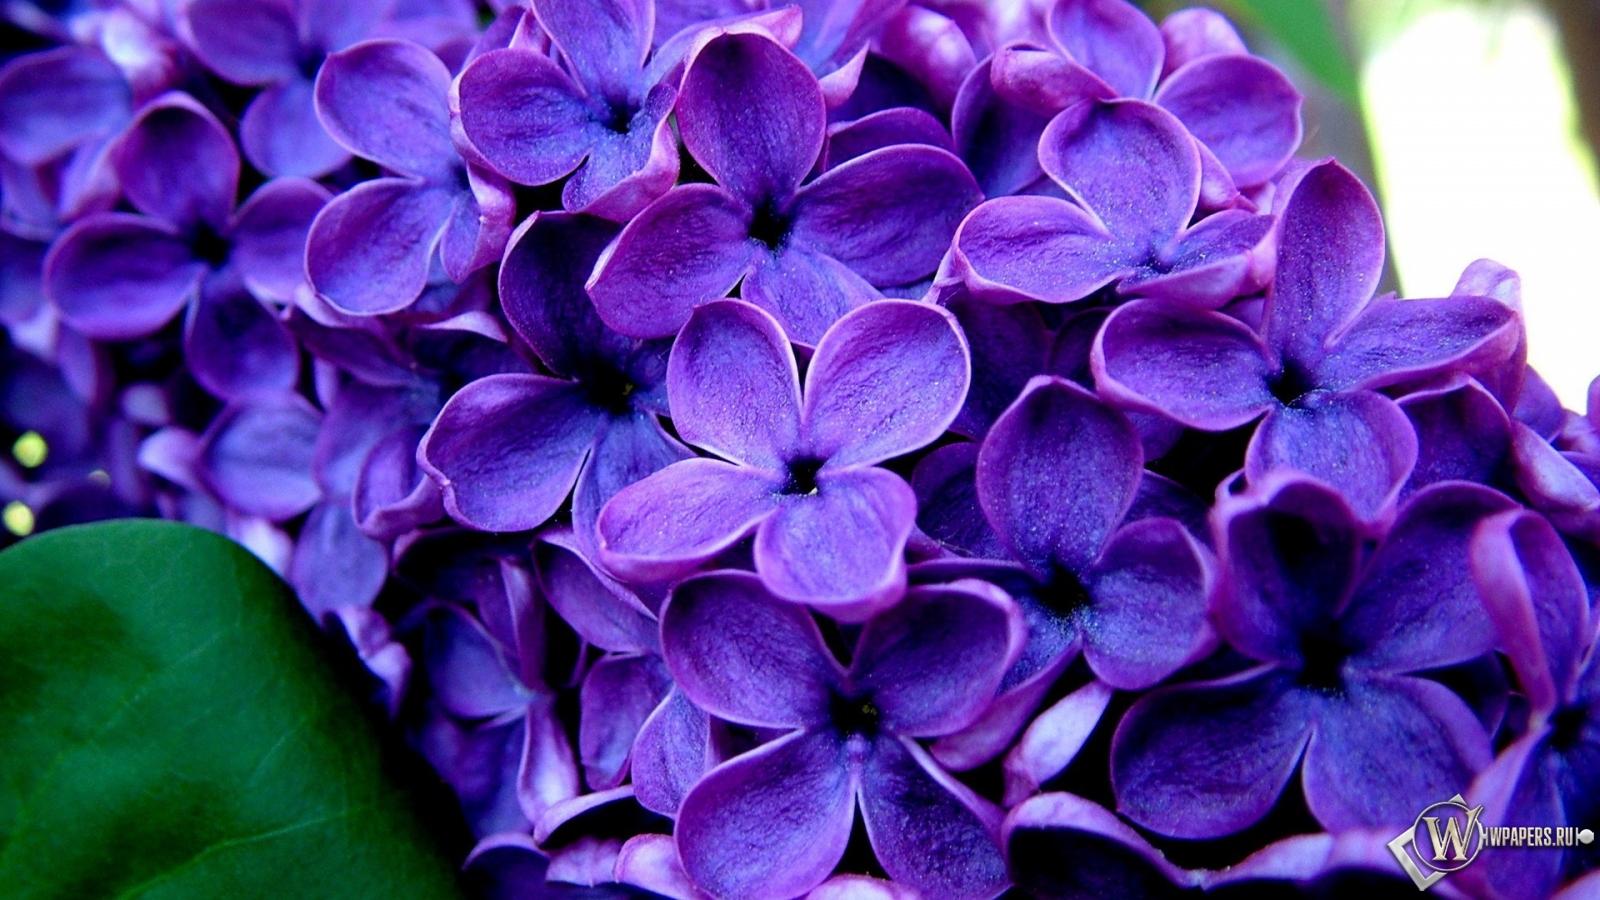 обои фото фиолетовые